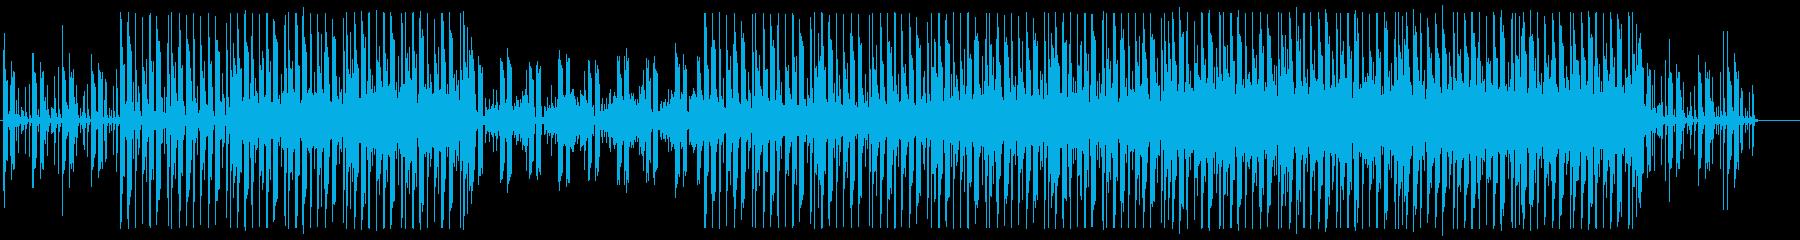 シンセウェイヴ 80's 3の再生済みの波形